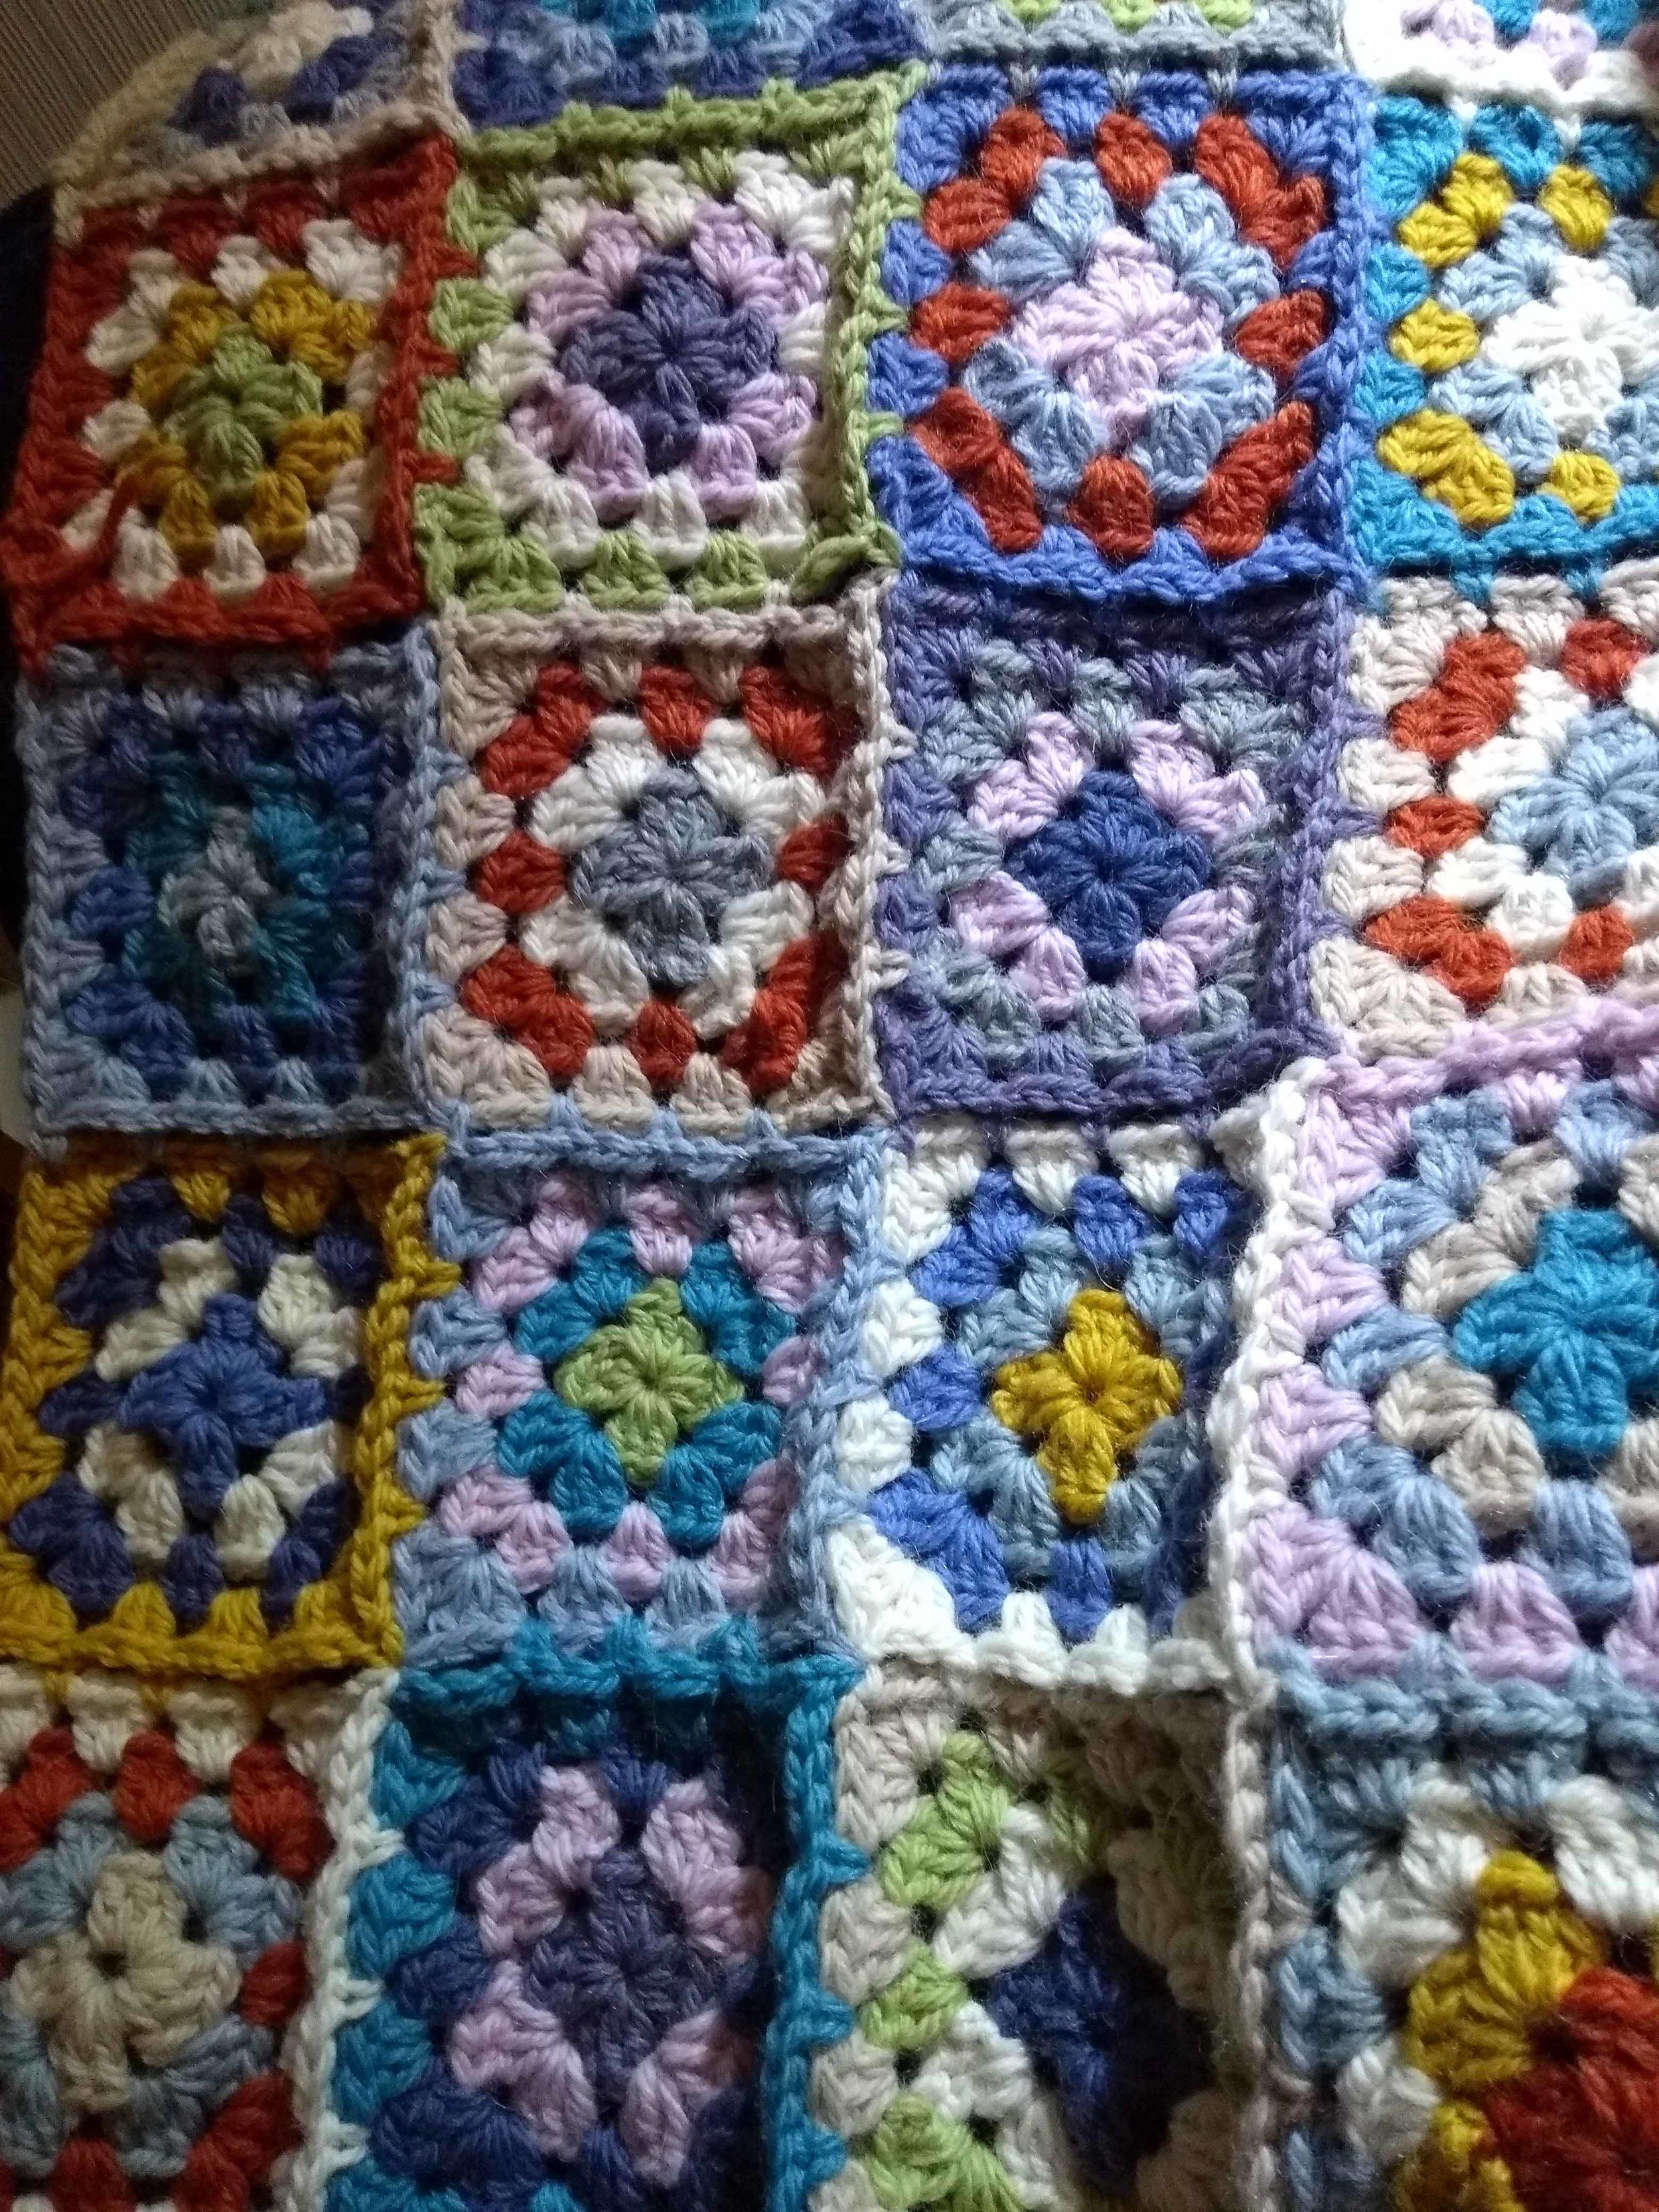 granny square baby blanket.jpg